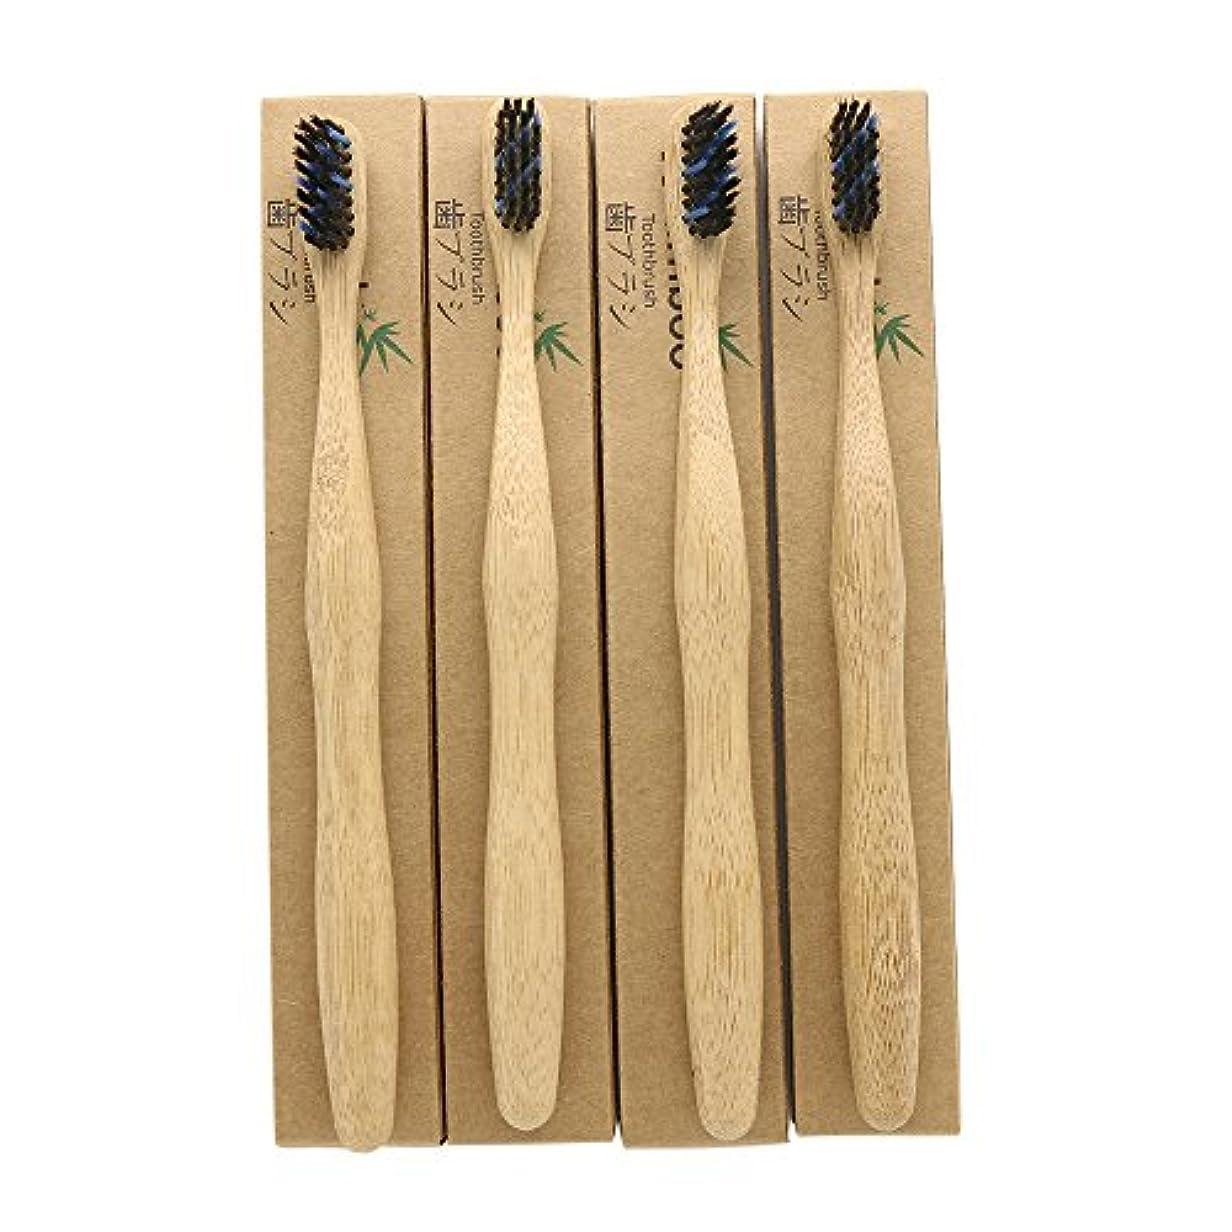 気性歯郵便N-amboo 竹製耐久度高い 歯ブラシ 黒いと青い 4本入り セット